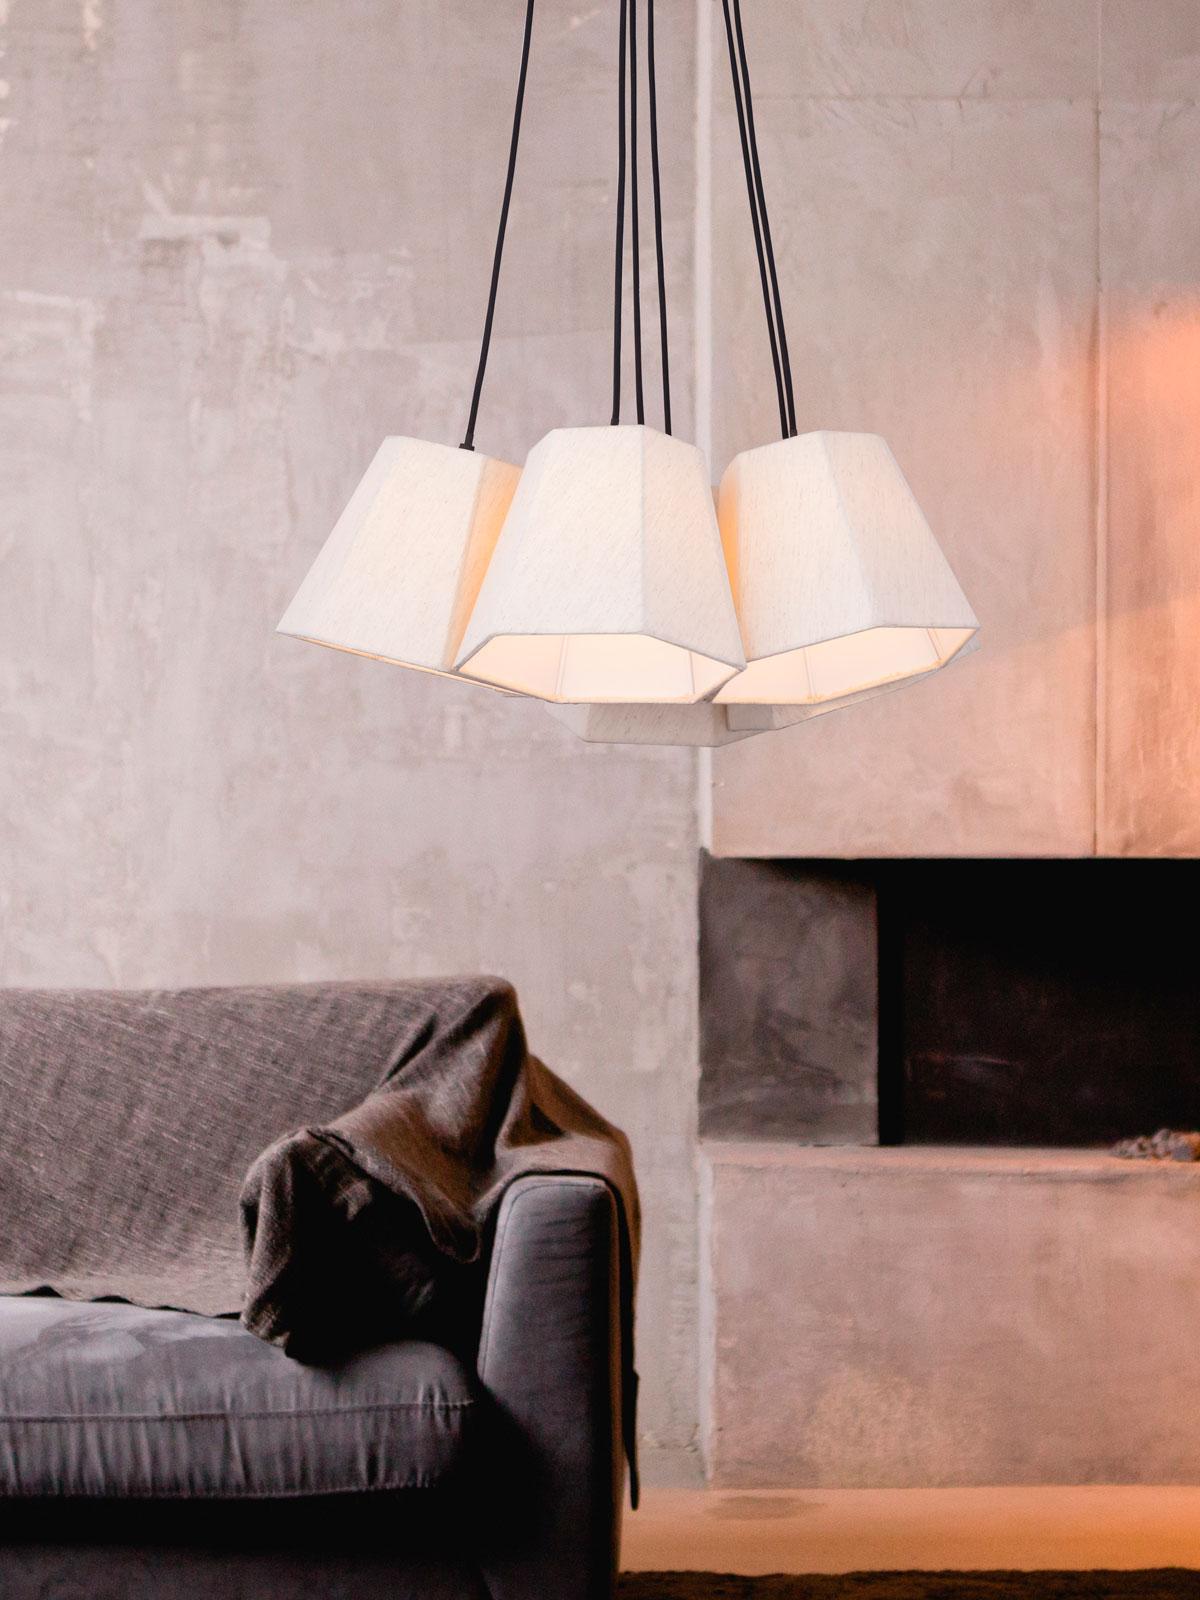 Full Size of Esstisch Glas Teppich Runder Ausziehbar Vintage Kolonialstil Oval Weiß Massiv Kleine Esstische 120x80 Großer Quadratisch Bogenlampe Esstische Bogenlampe Esstisch